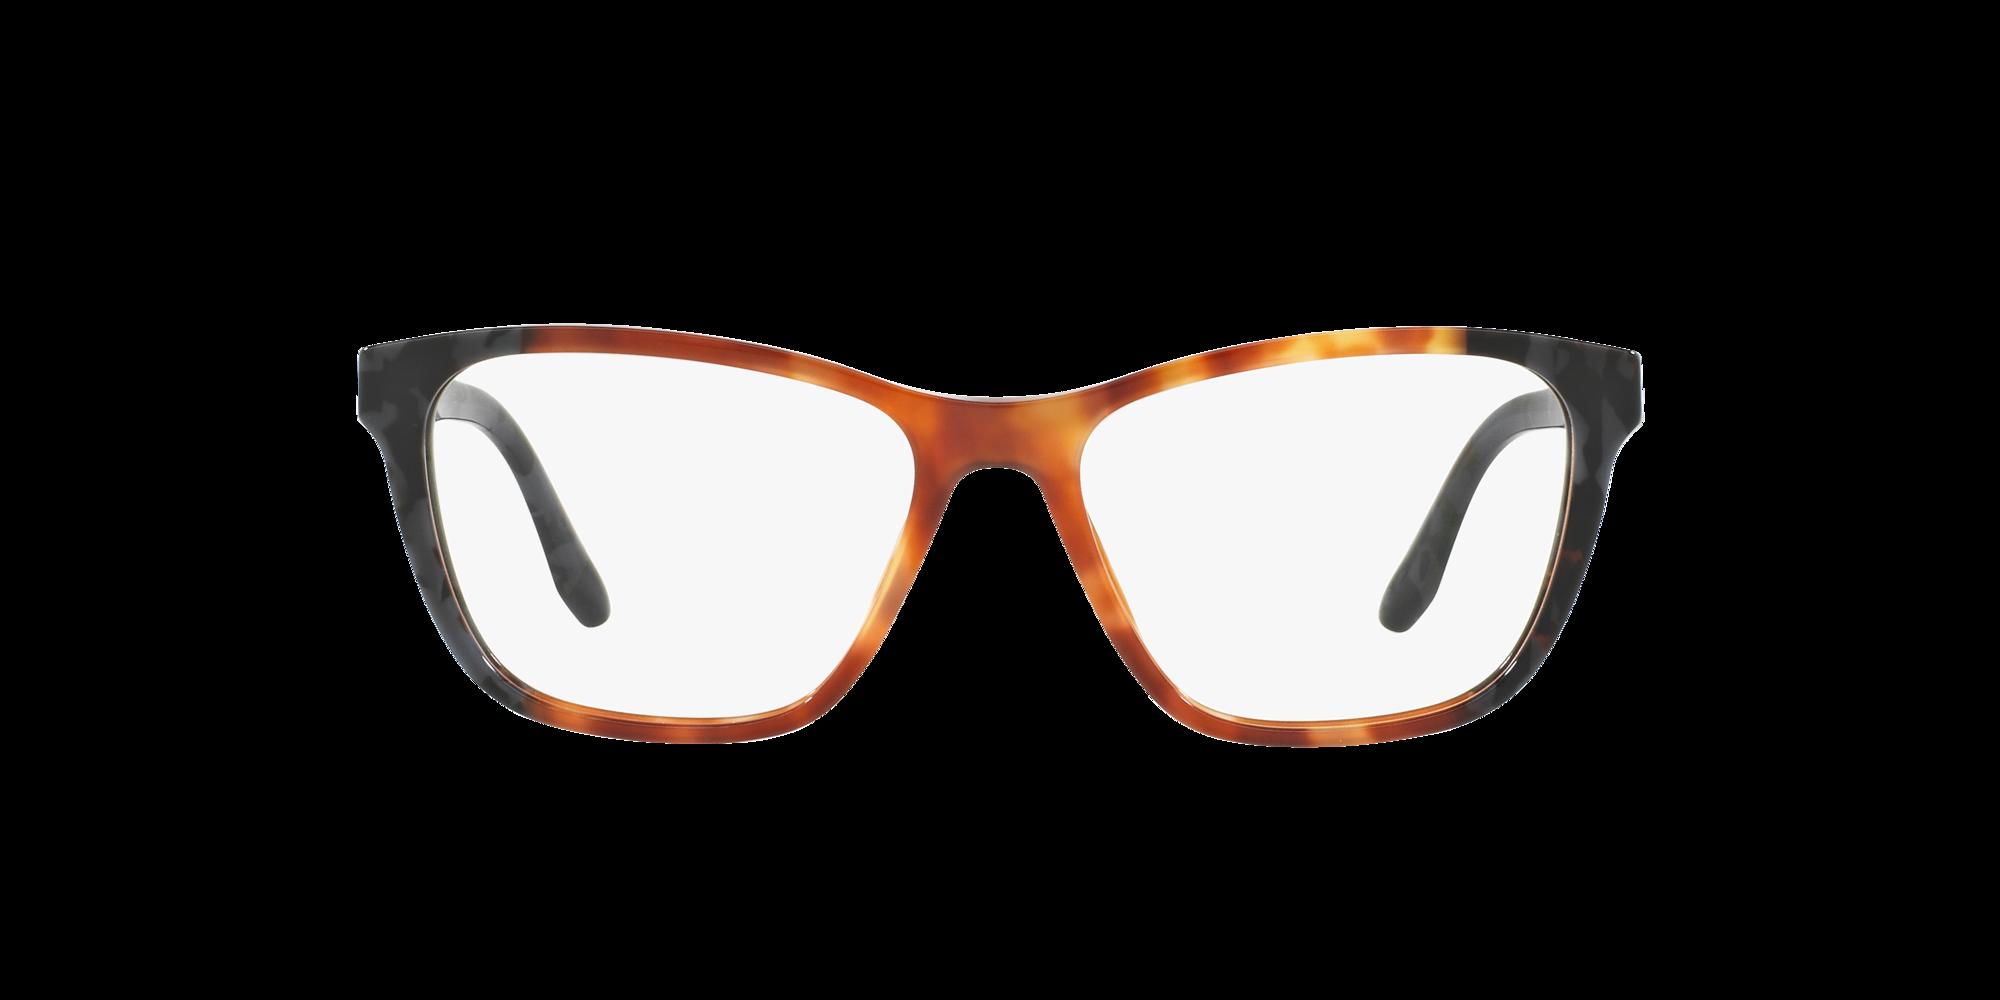 Imagen para PR 04TV de LensCrafters |  Espejuelos, espejuelos graduados en línea, gafas